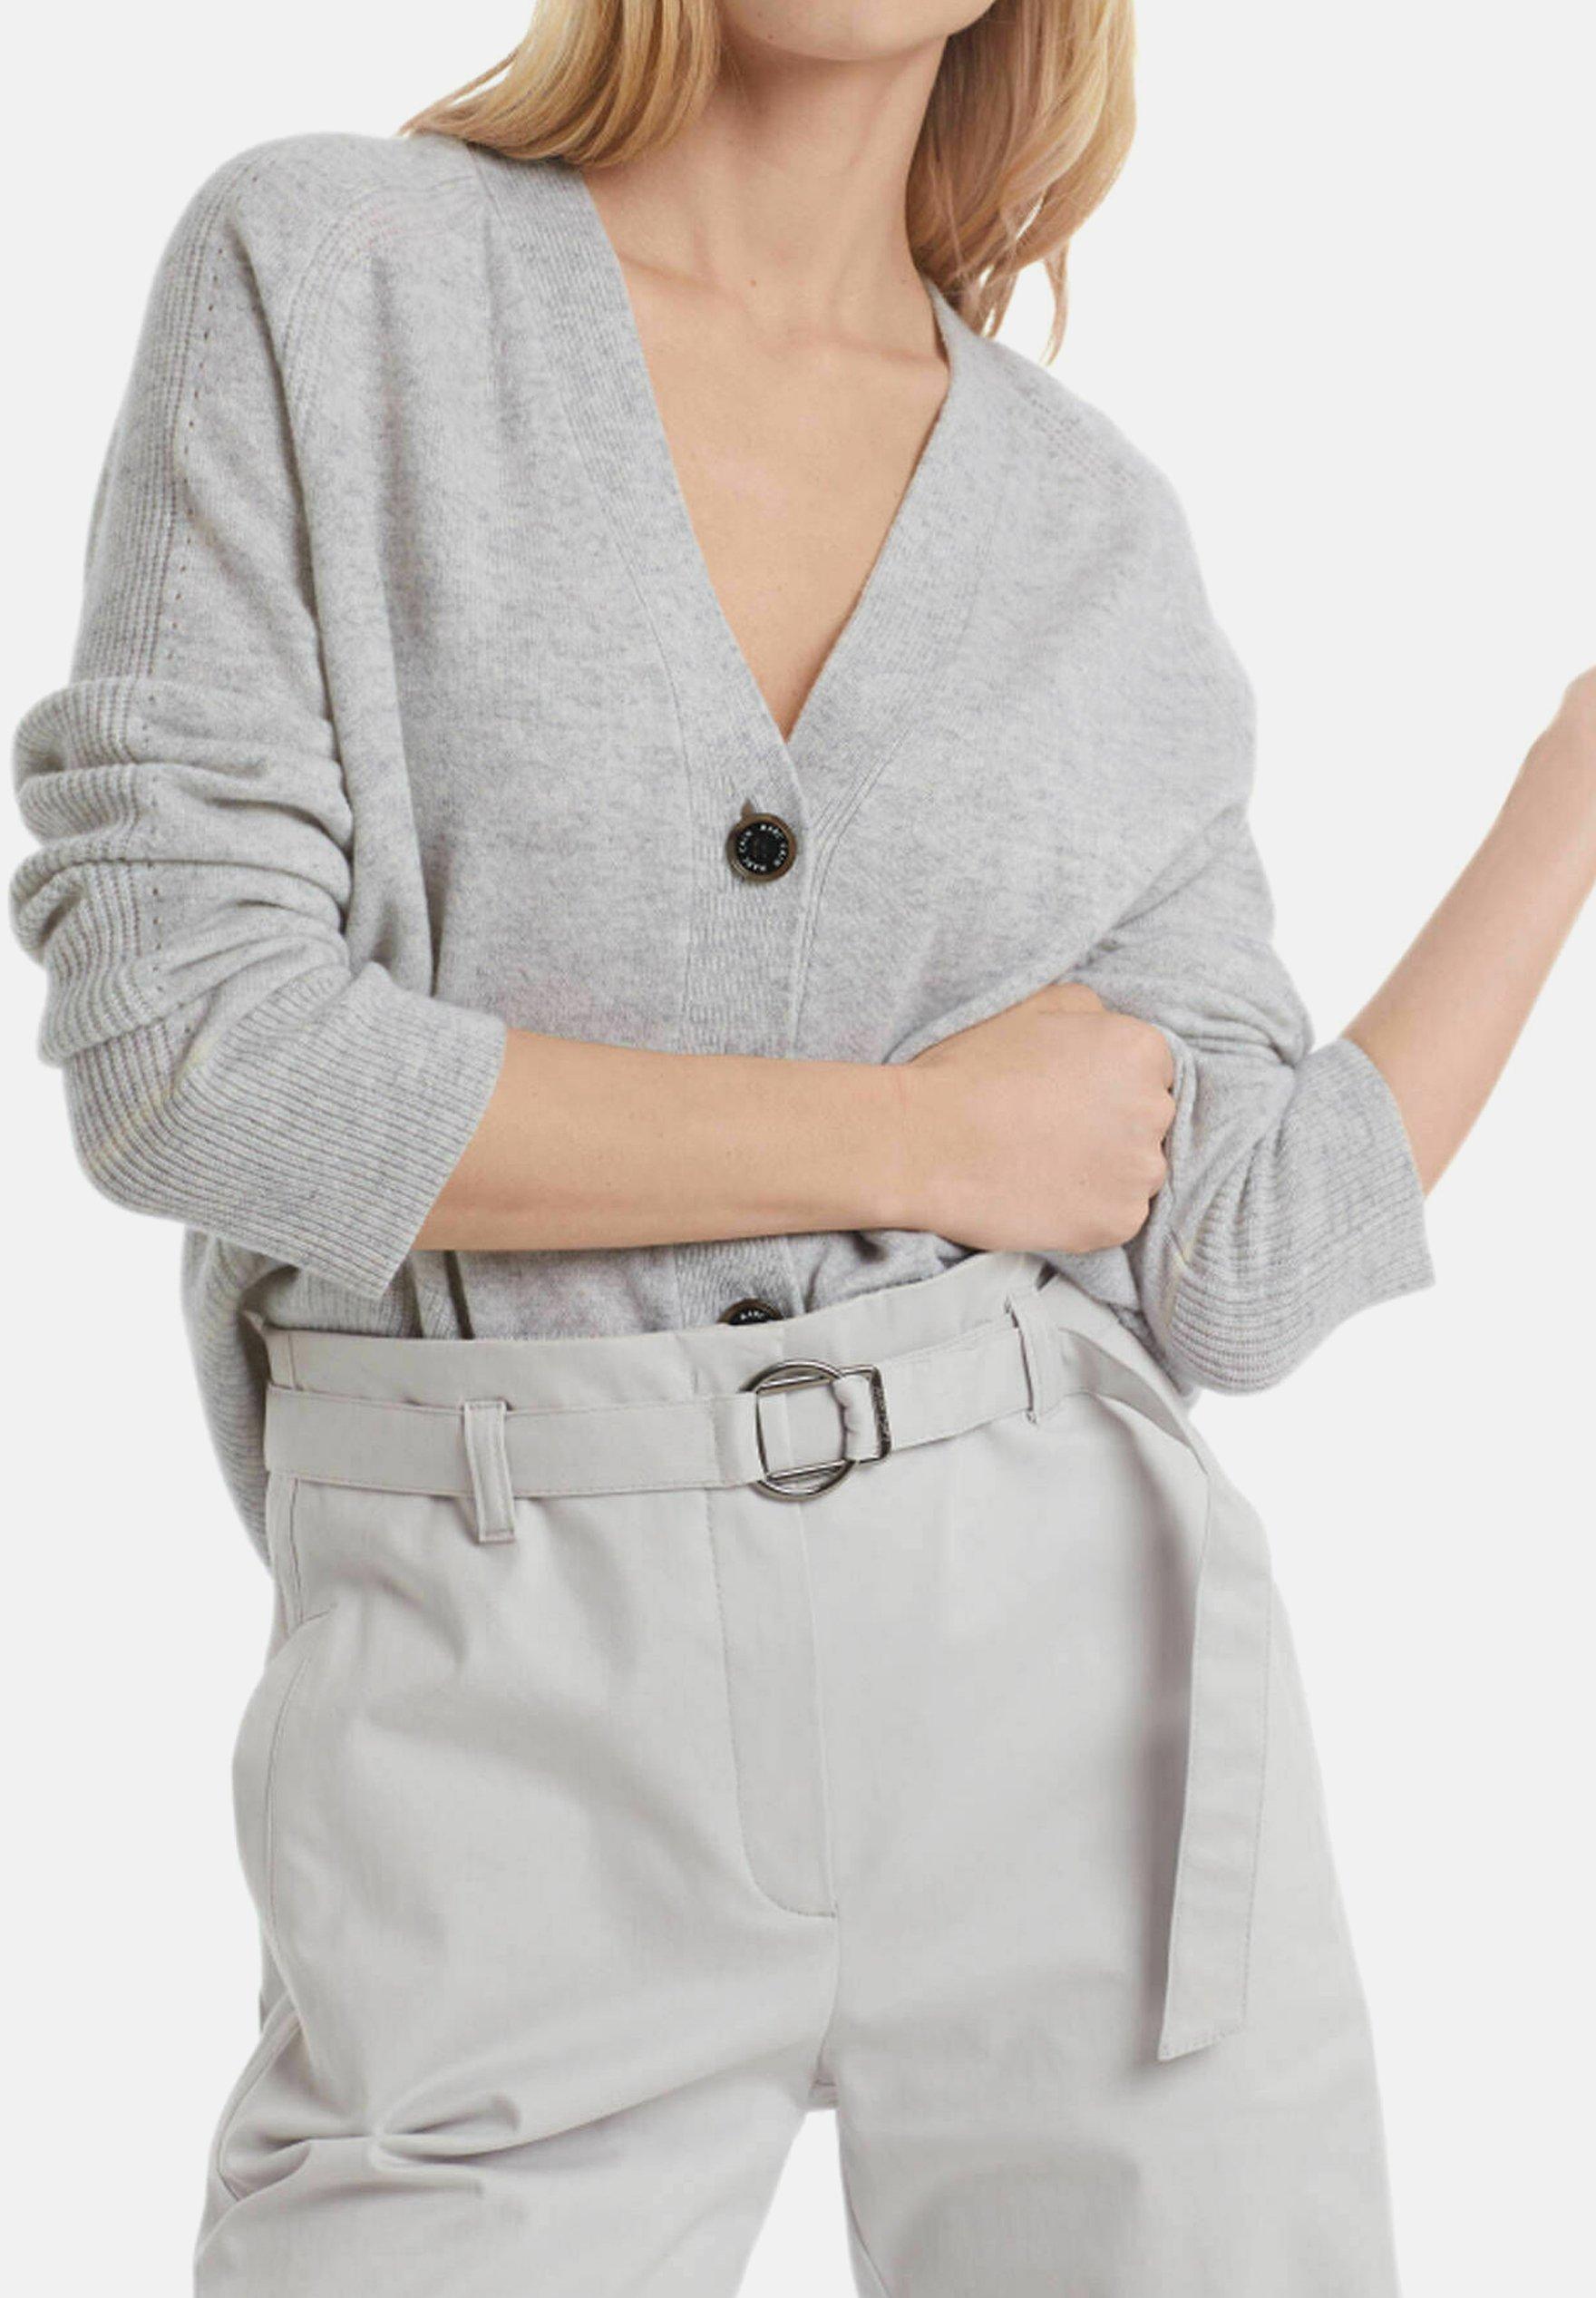 Damen Strickjacke - grau